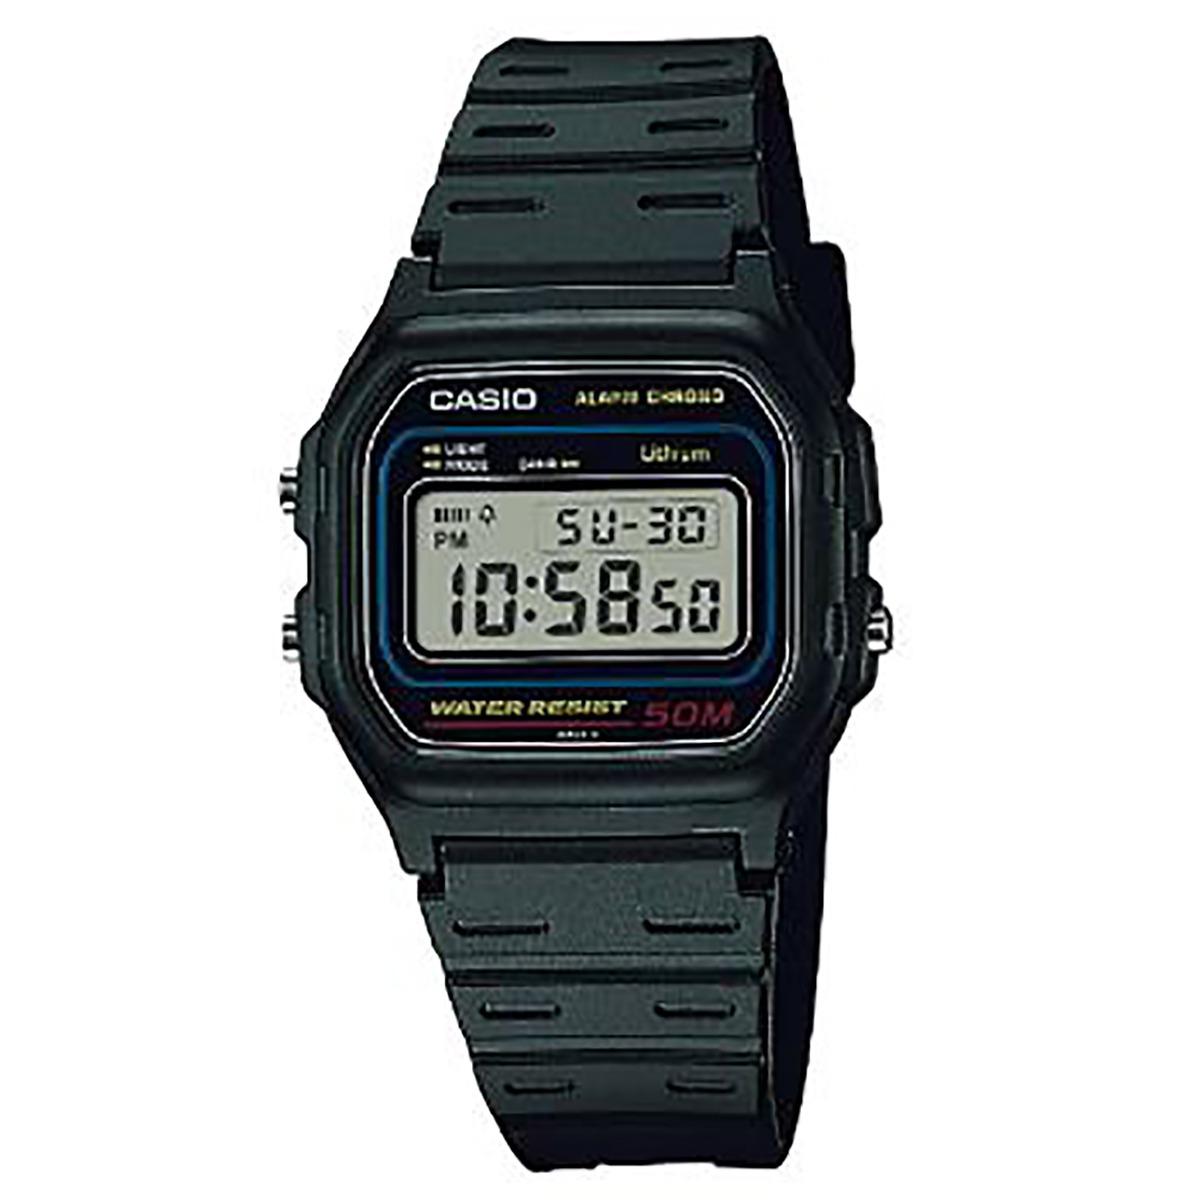 0b82d3d66b9 Relógio Casio Original Masculino W-59-1vq-br Com Nota Fiscal - R ...